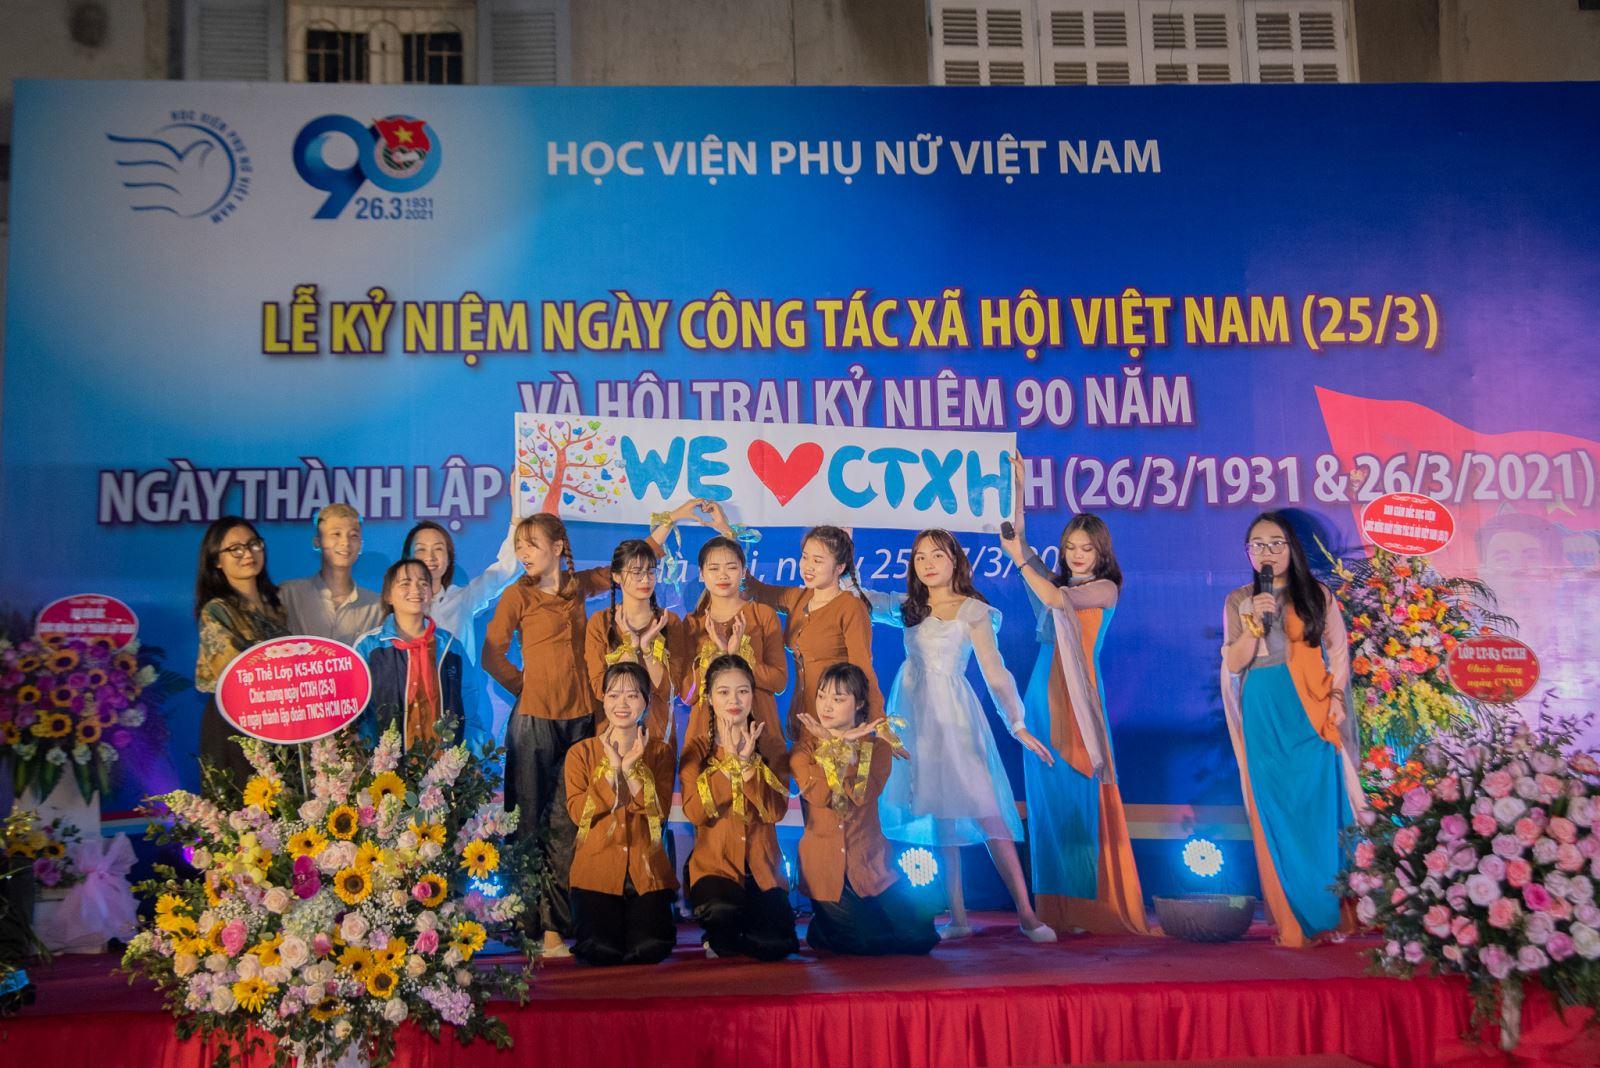 Học viện Phụ nữ Việt Nam tổ chức lễ Kỷ niệm ngày Công tác xã hội Việt Nam